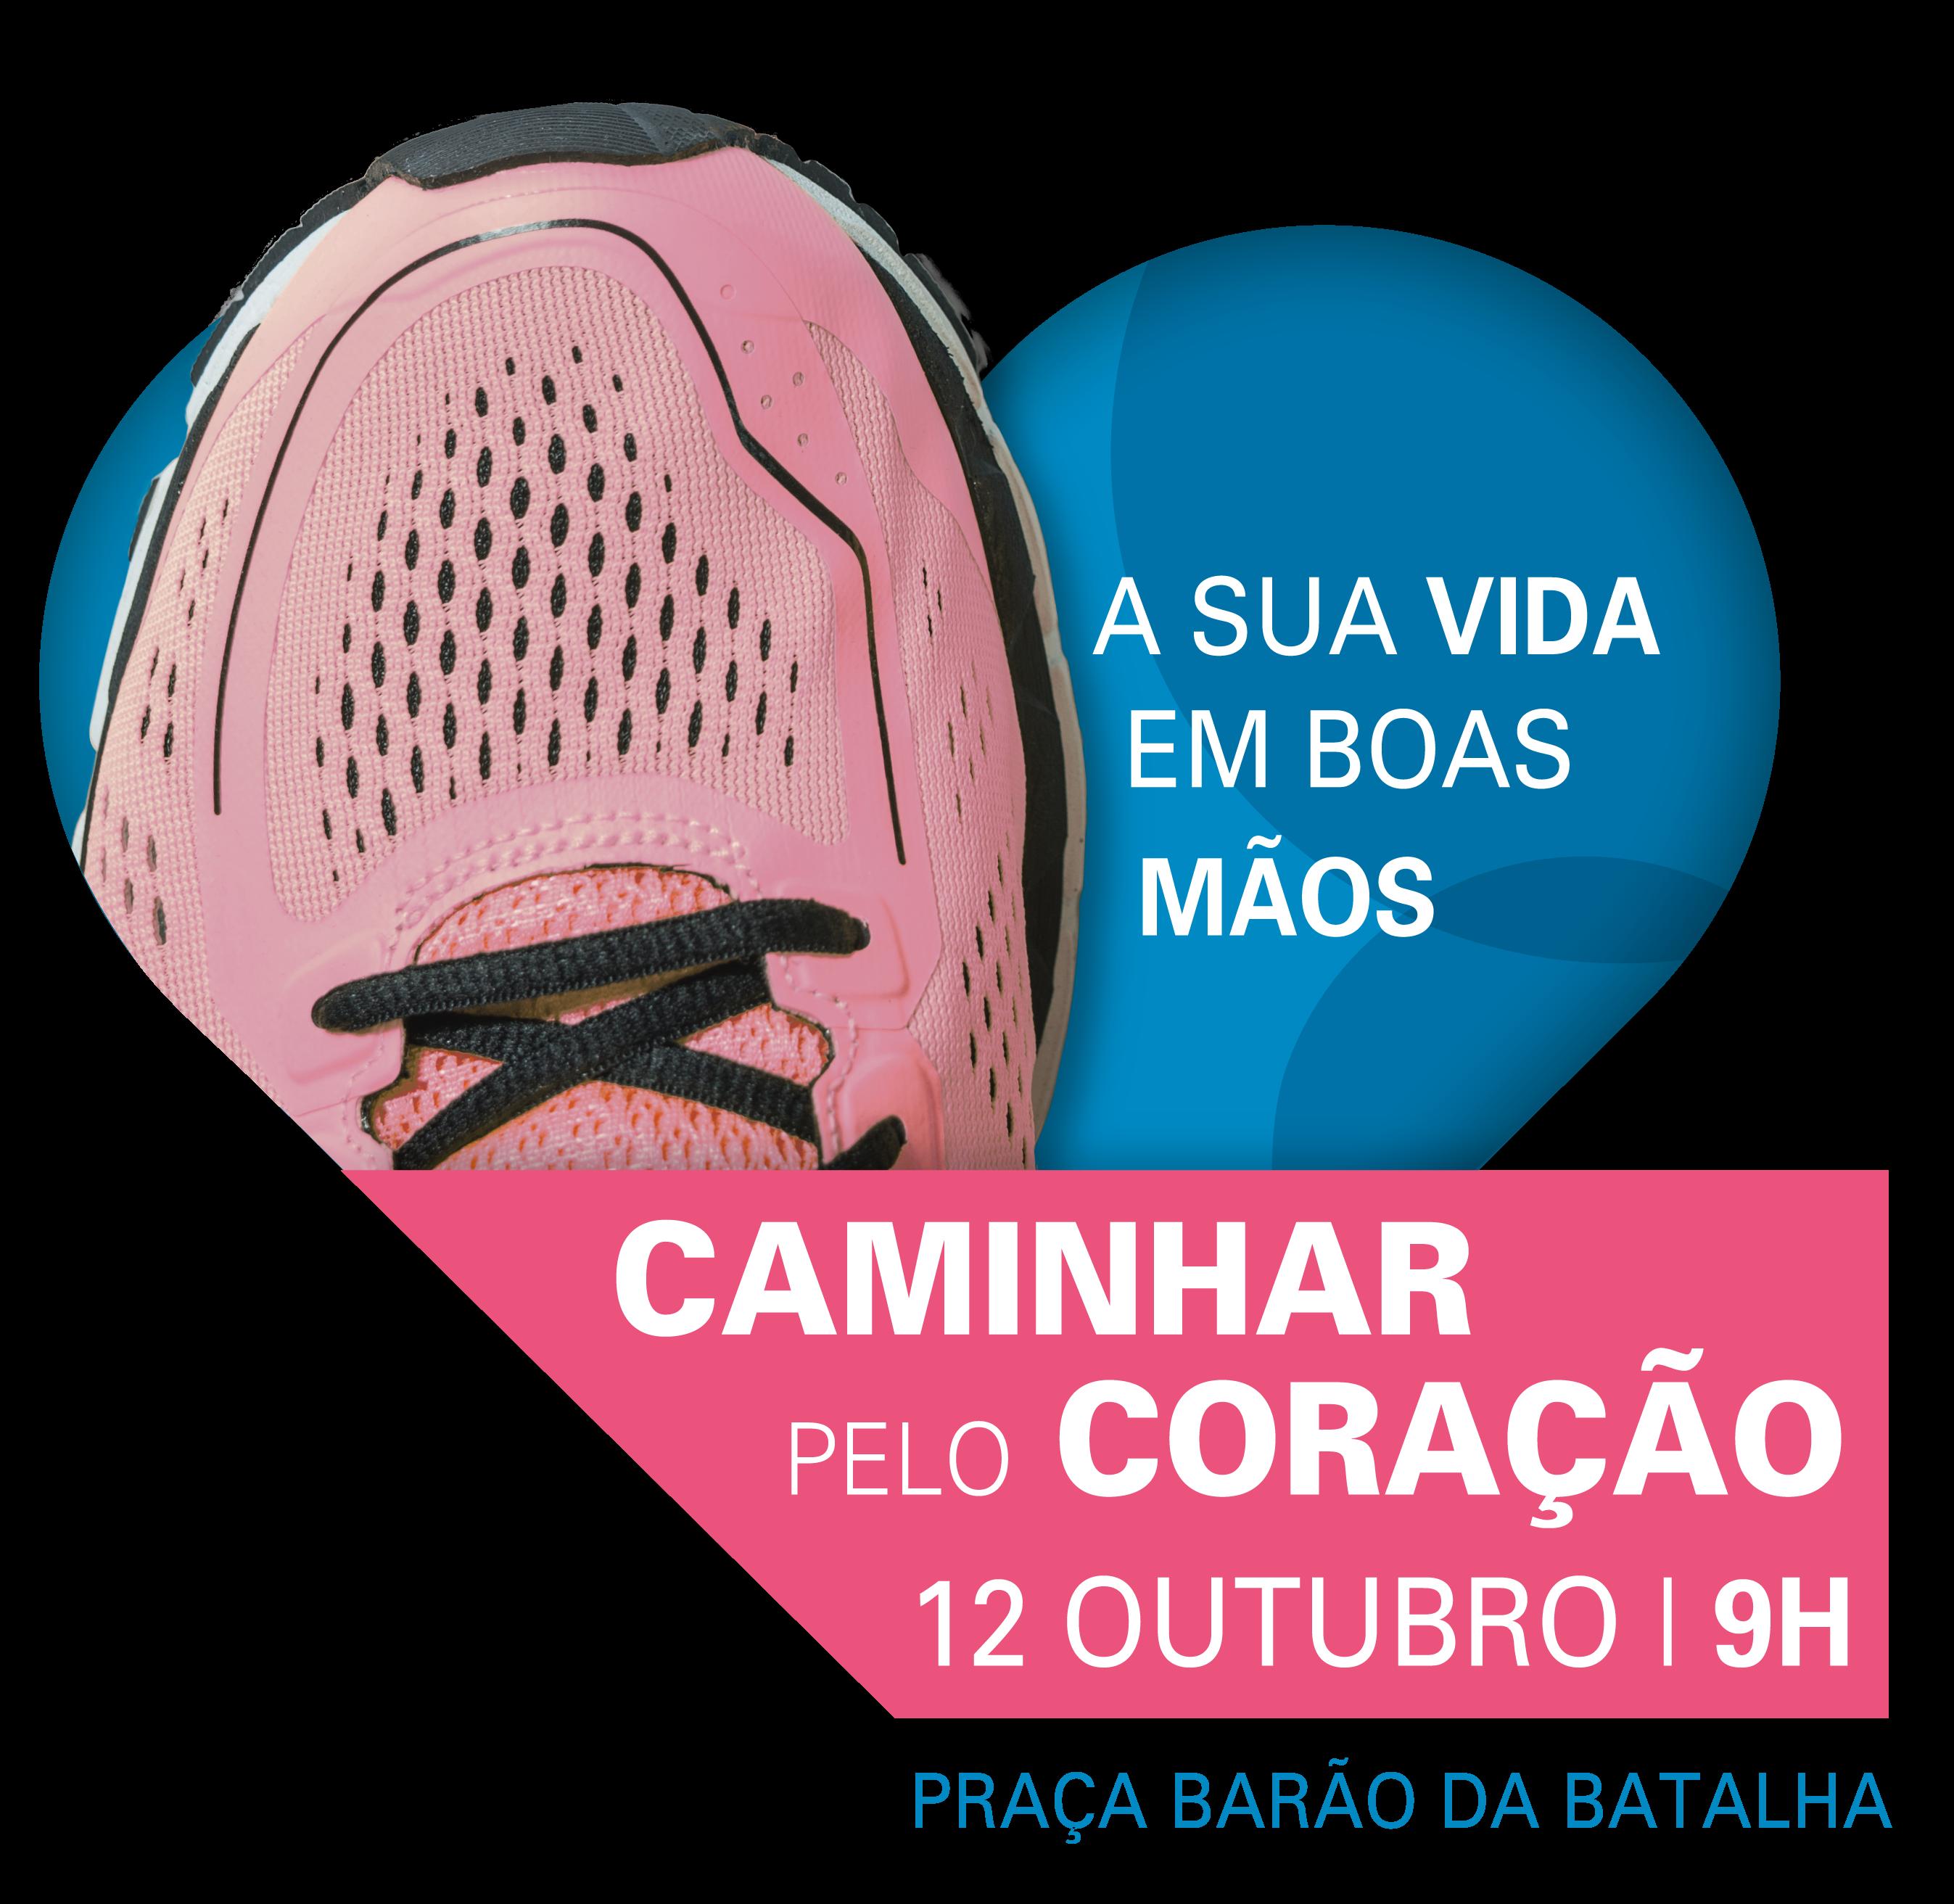 ClenLab_Caminhar pelo Coração_Website-02-02